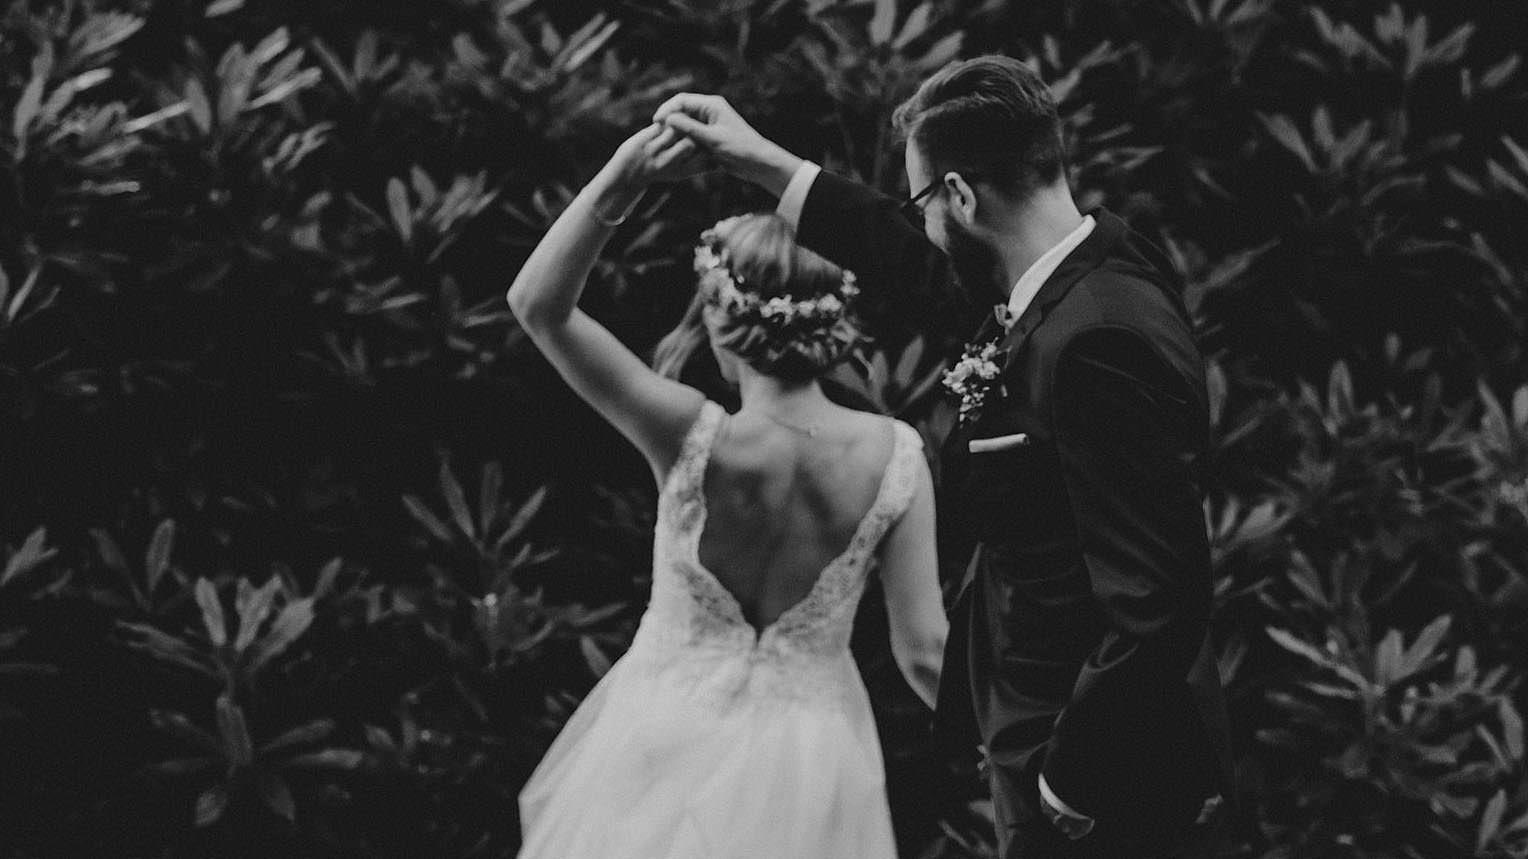 Hochzeitsfotografie-Frau-Siemers- Brautpaar Tanzt vor Busch - schwarz/weiß Portrait